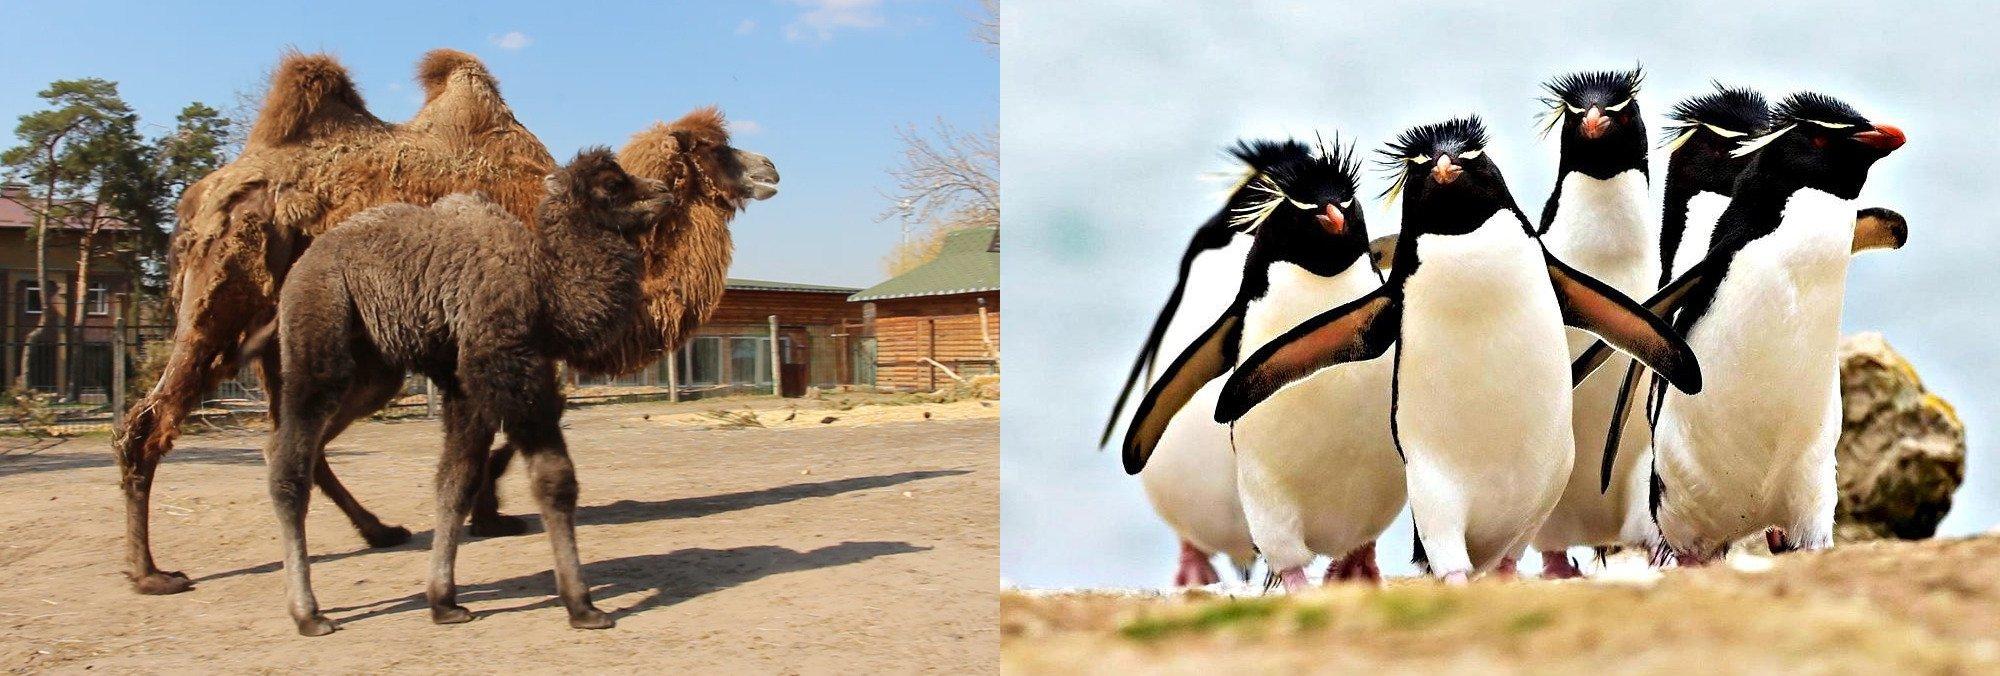 """Скільки коштують""""африканське сафарі"""" та вольєри для пінгвінів?"""